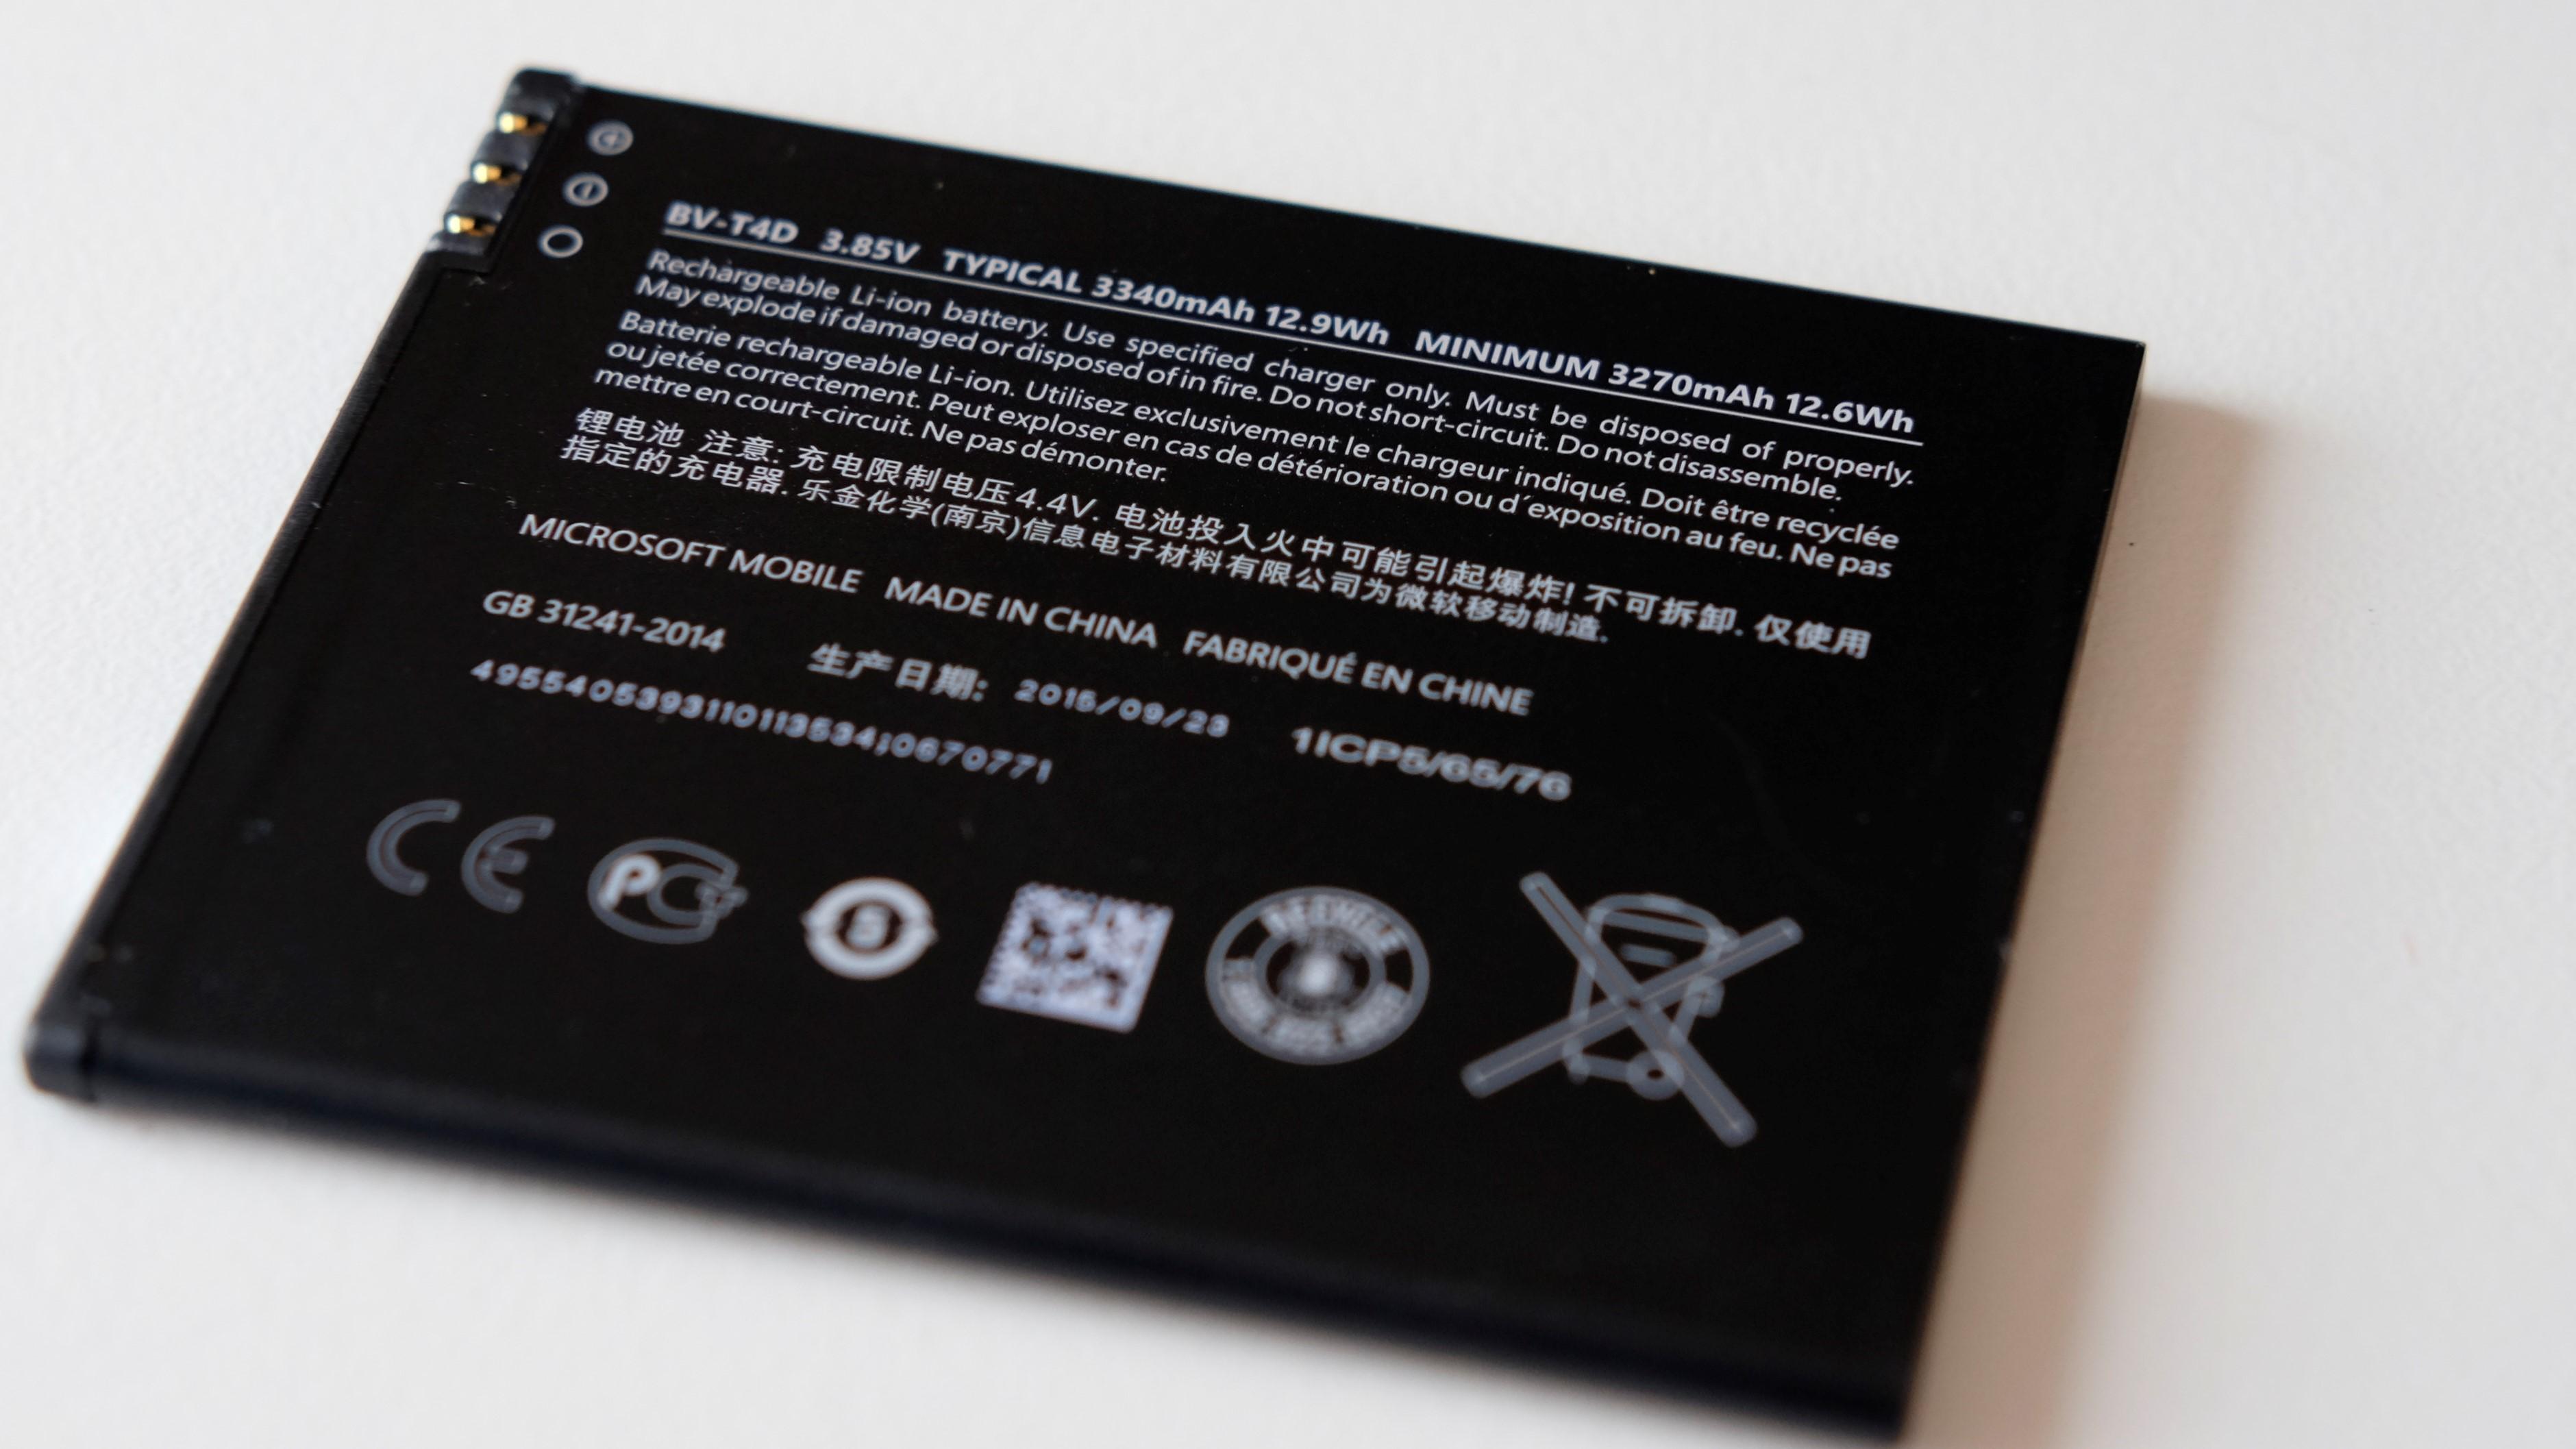 Samsung forsker på en ny type batteri. Illustrasjonsfoto.